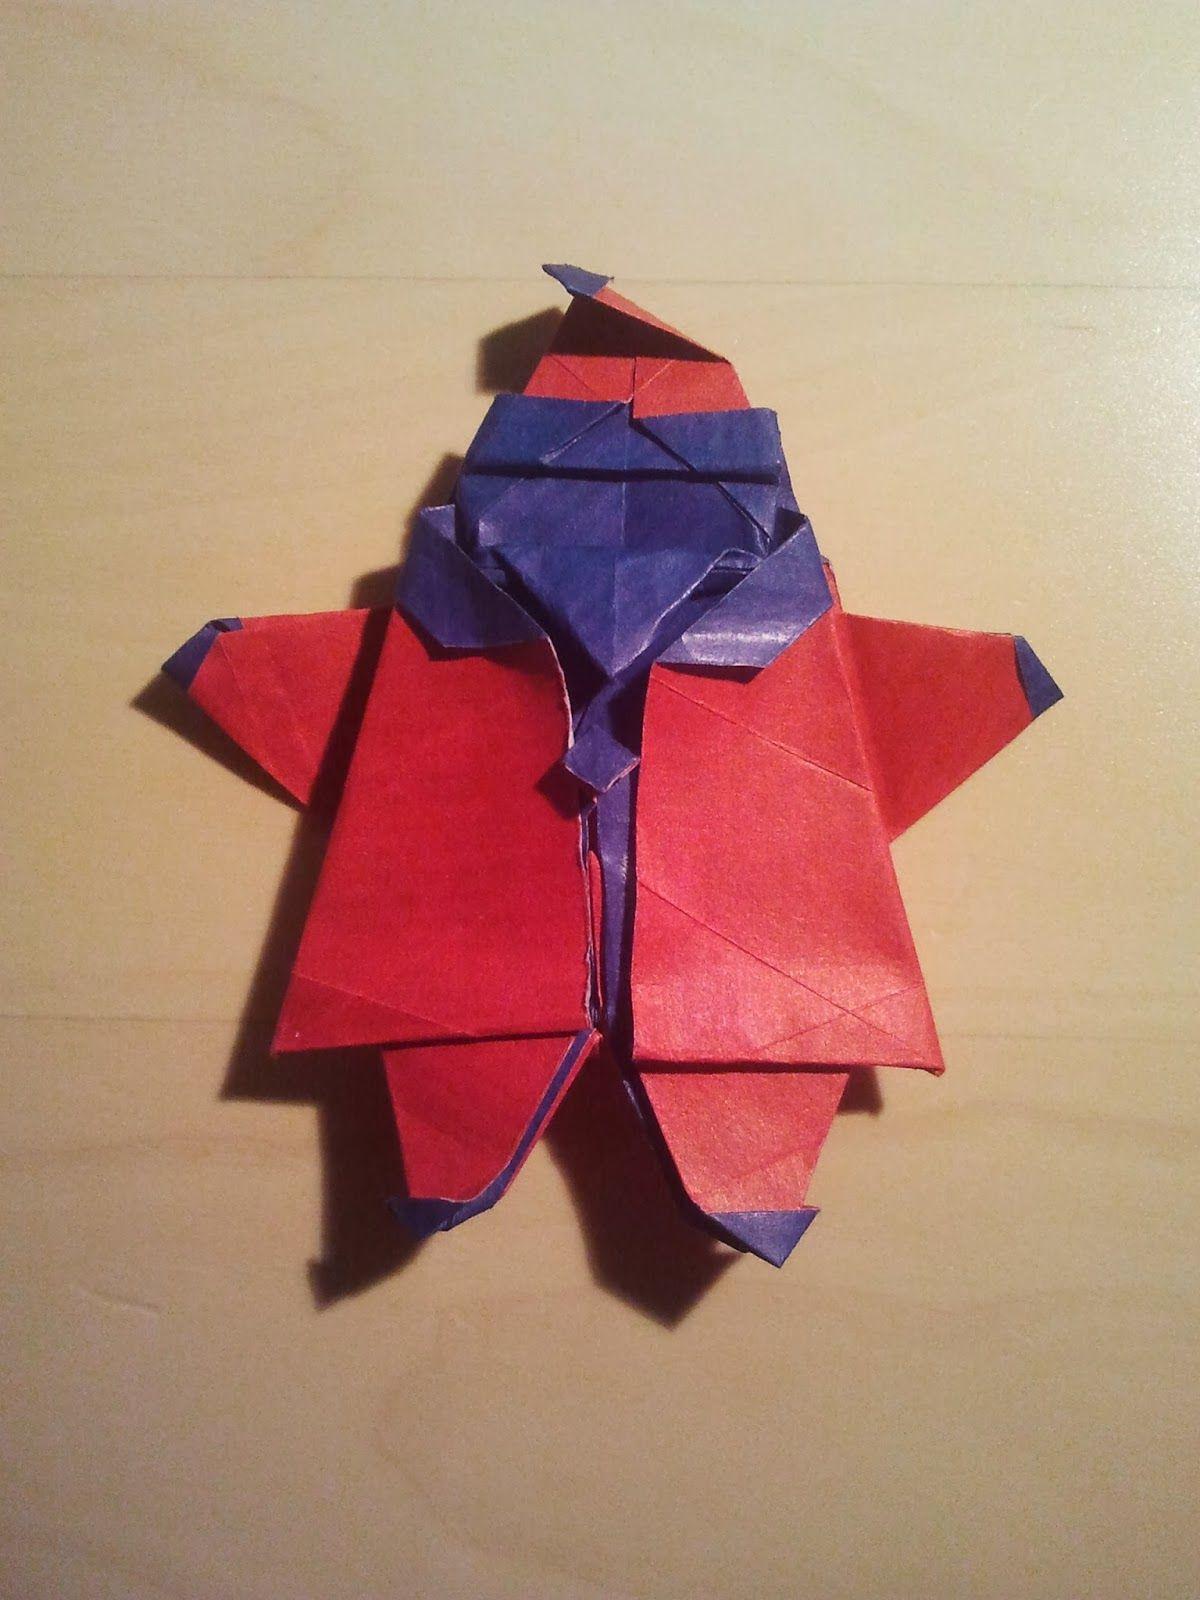 Papa Noel De Origami Origami Santa Claus My Origami Pinterest - Origami-papa-noel